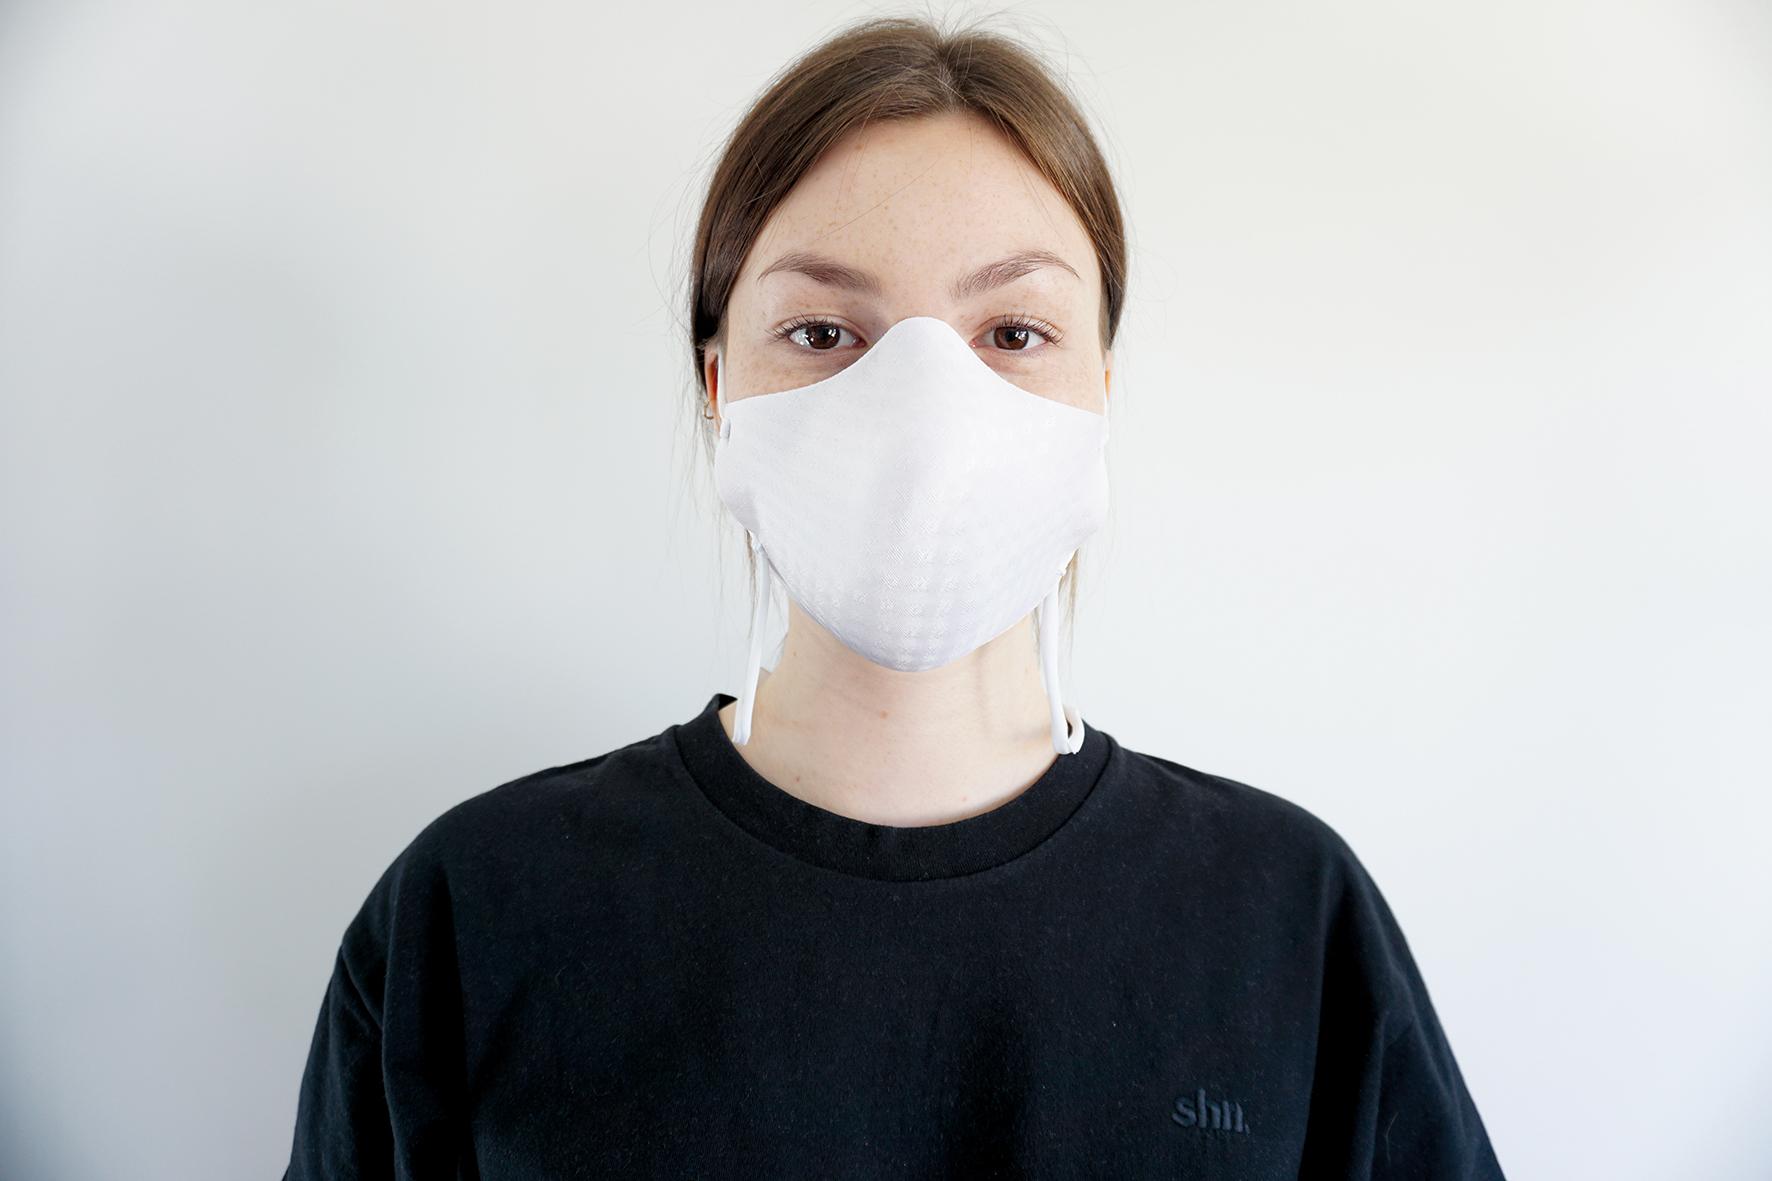 Behelfsmaske aus Jacquard-Stoff ohne Naht